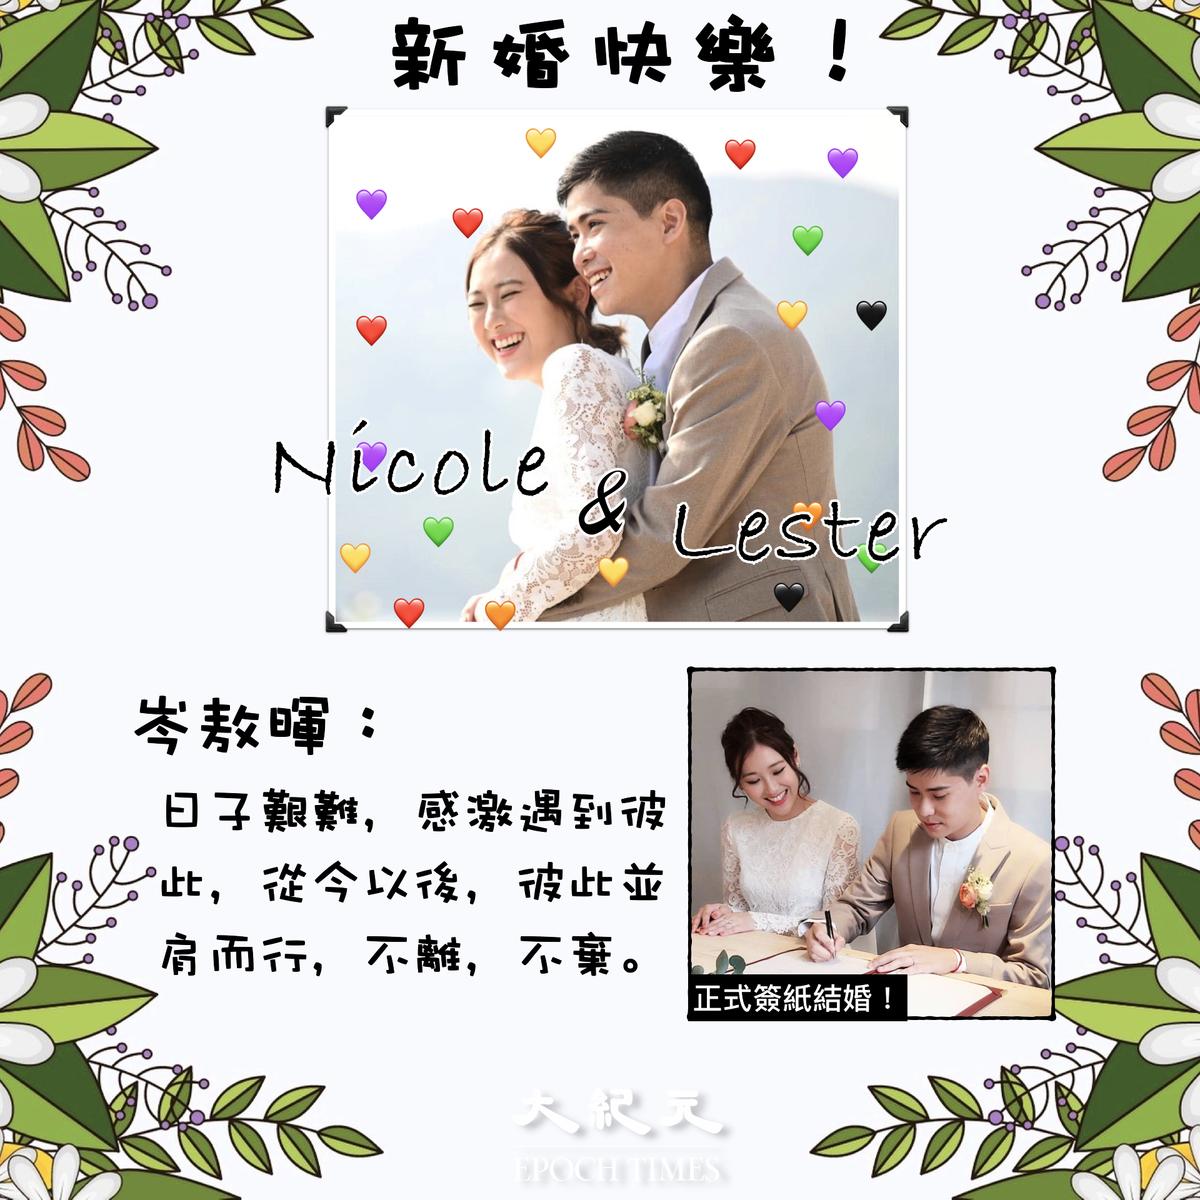 25日,岑敖暉(Lester)與曾任Now新聞台女主播的余思朗(Nicole),在一班好友見證下,正式簽字結婚。(大紀元合成圖片)